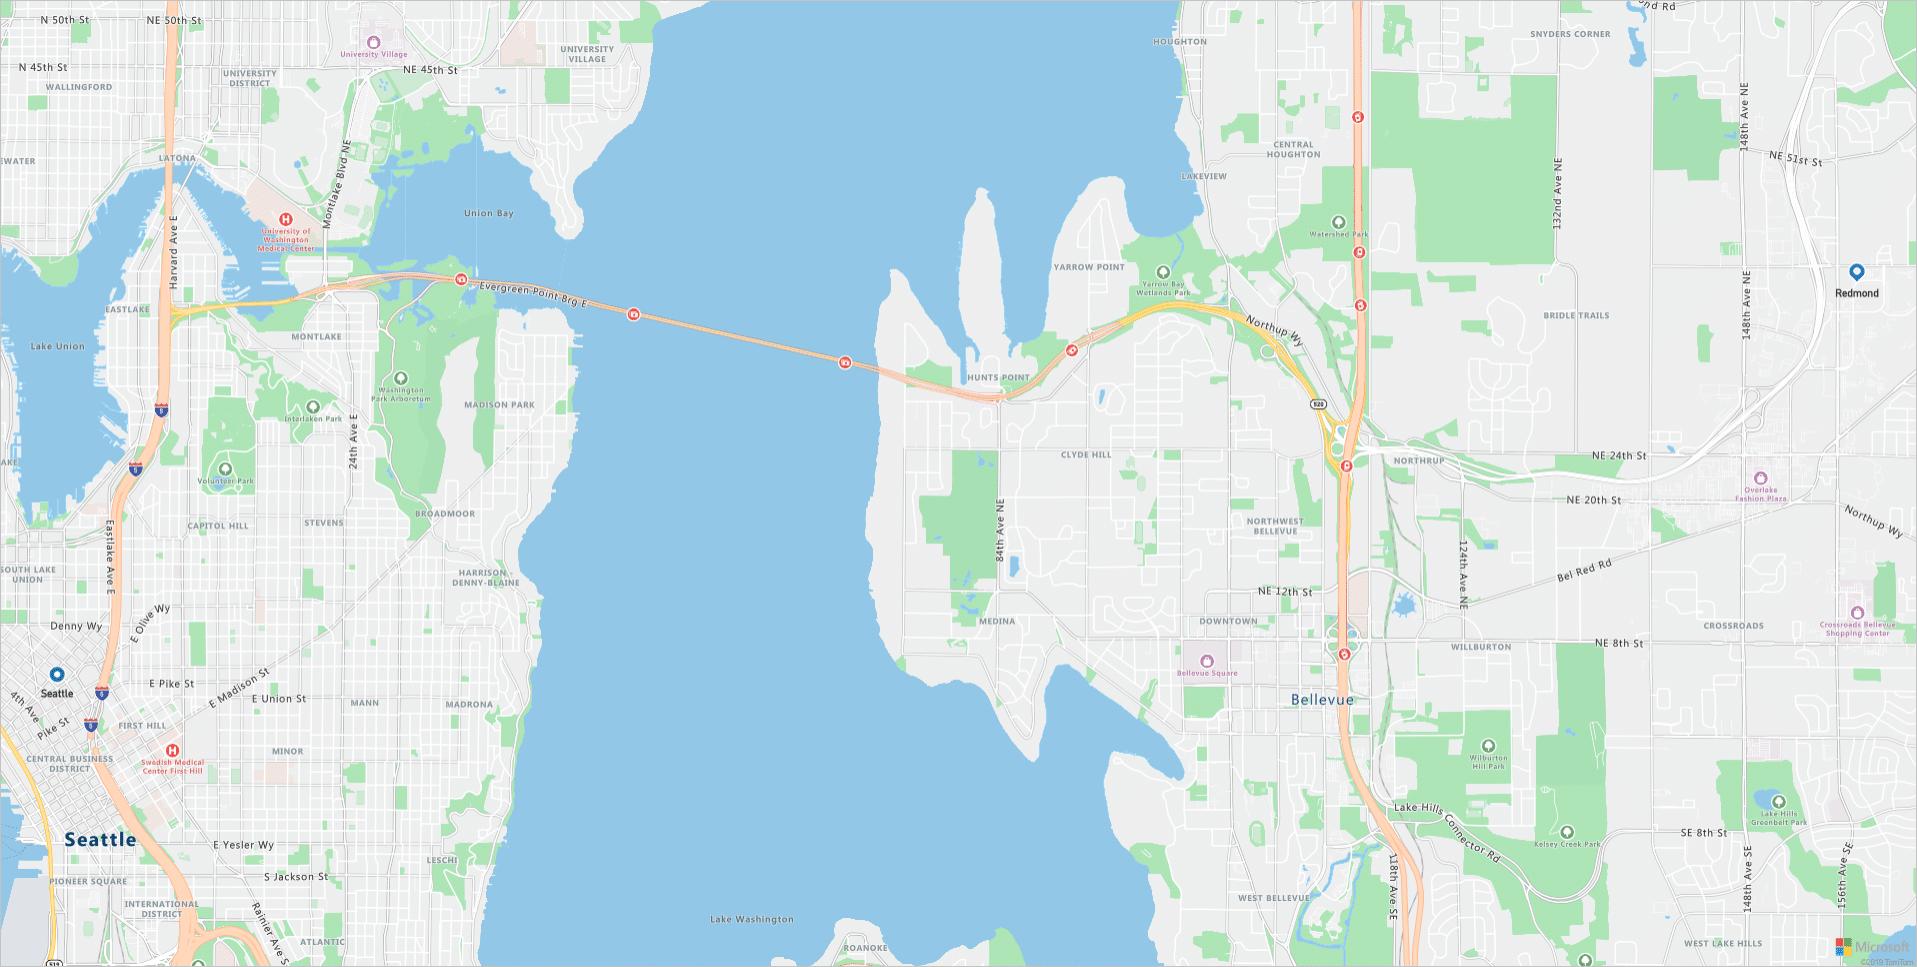 Дождь или солнце? Новые службы Azure Maps предоставят всю необходимую информацию о погодных условиях